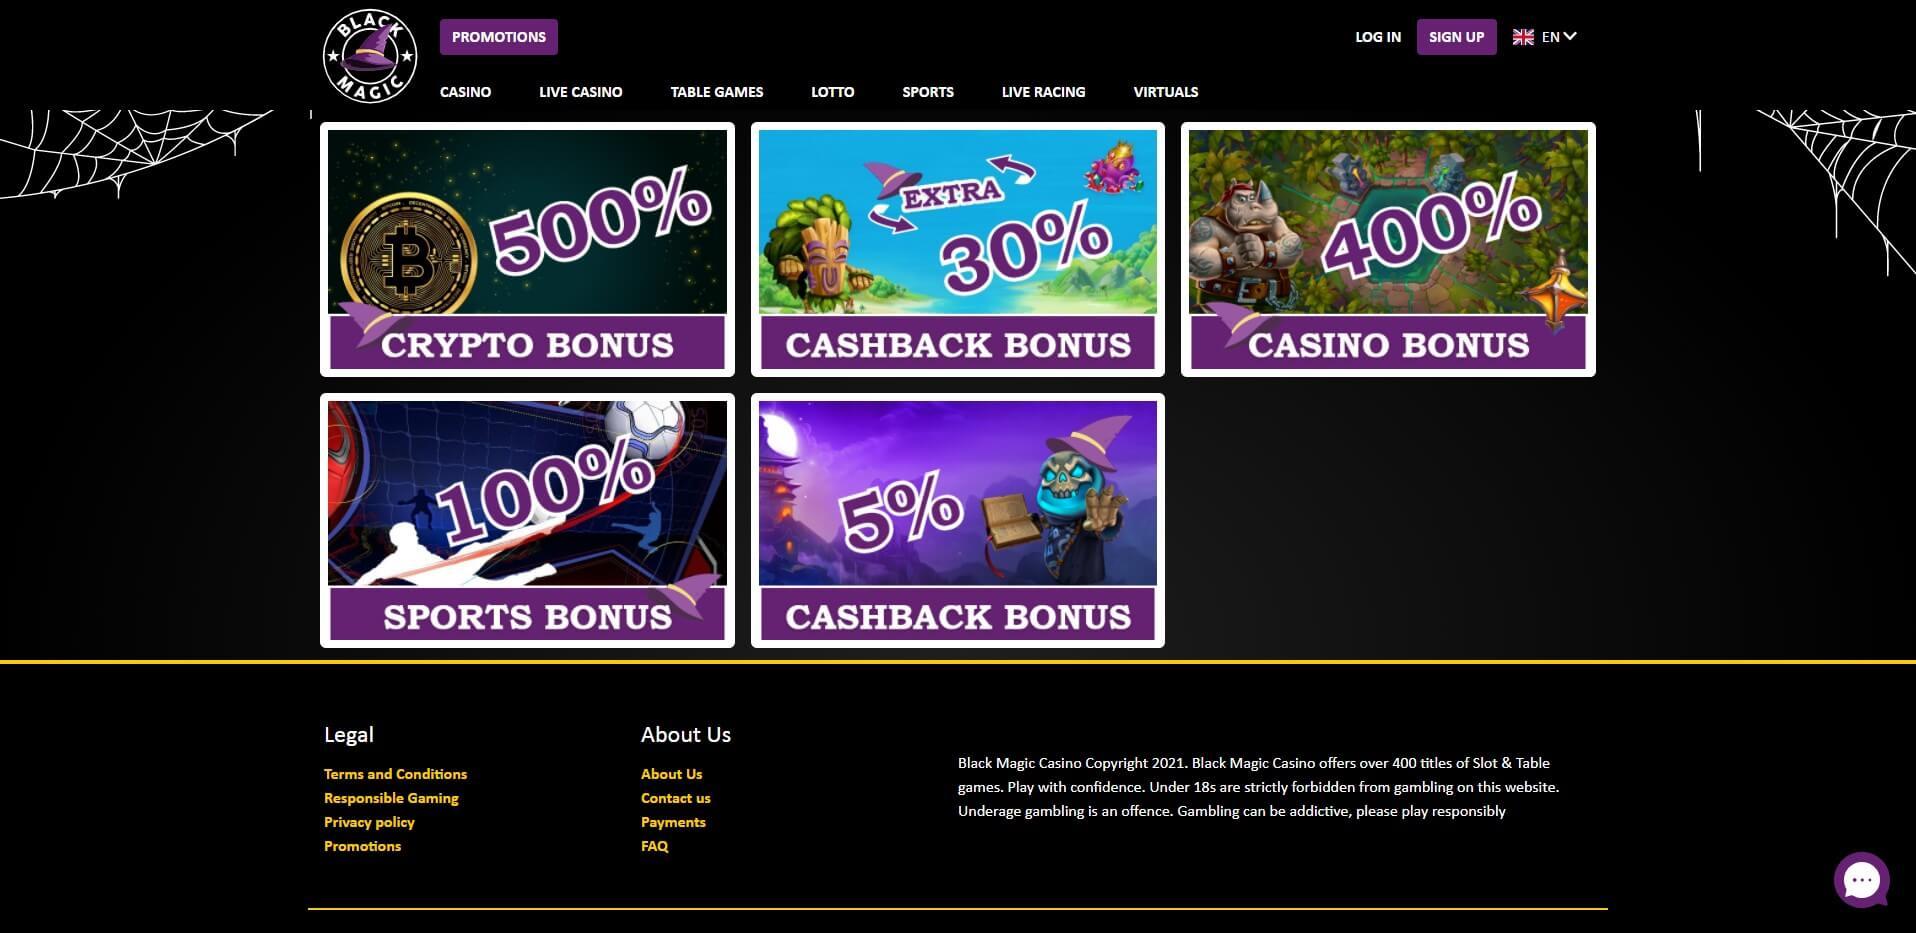 Promotions at Black Magic Casino